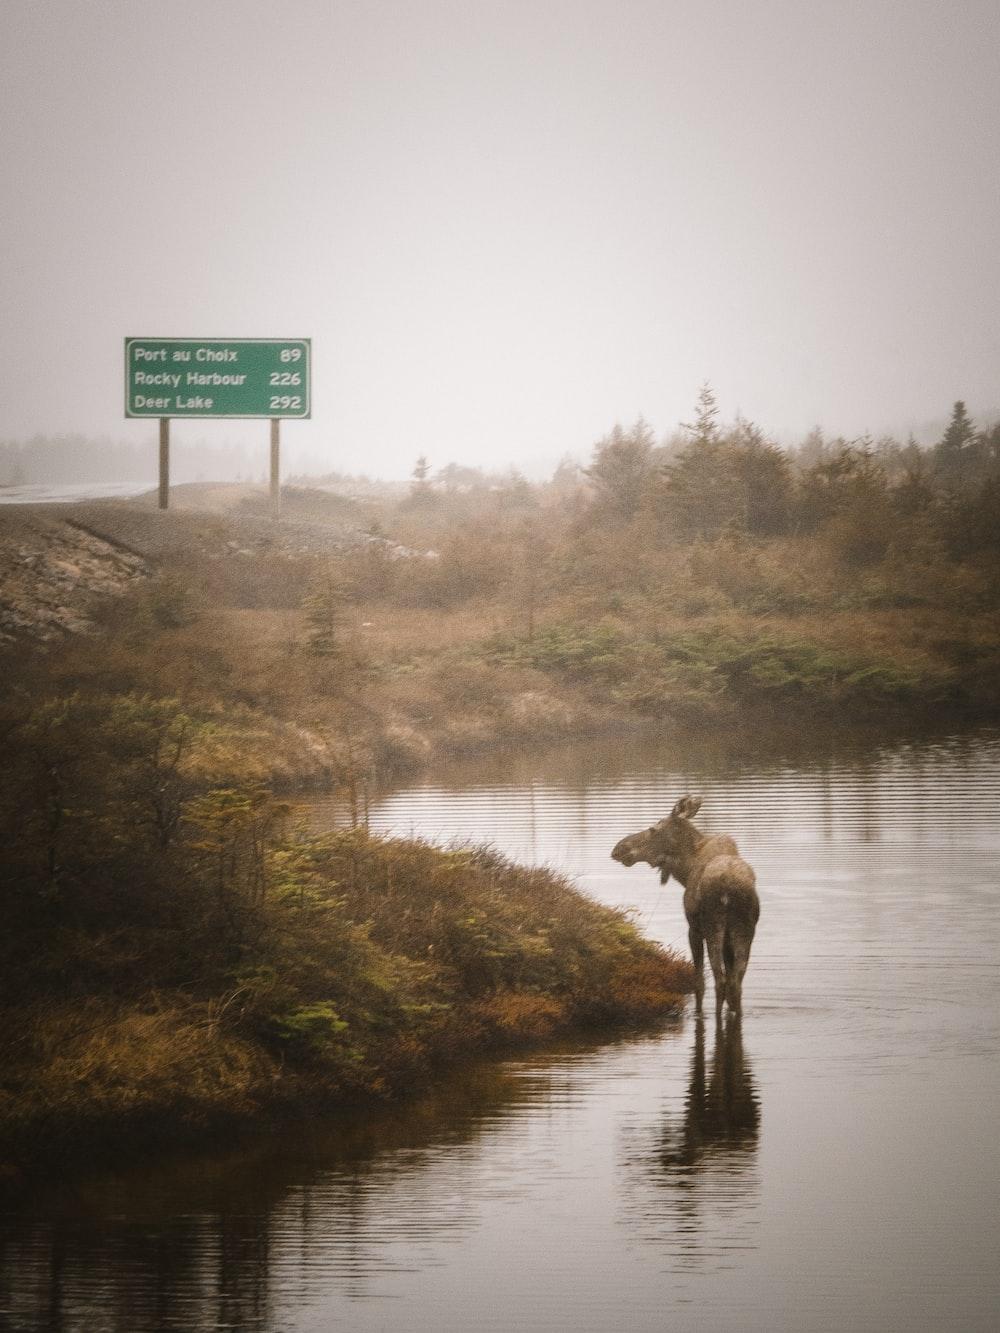 brown deer on river bank